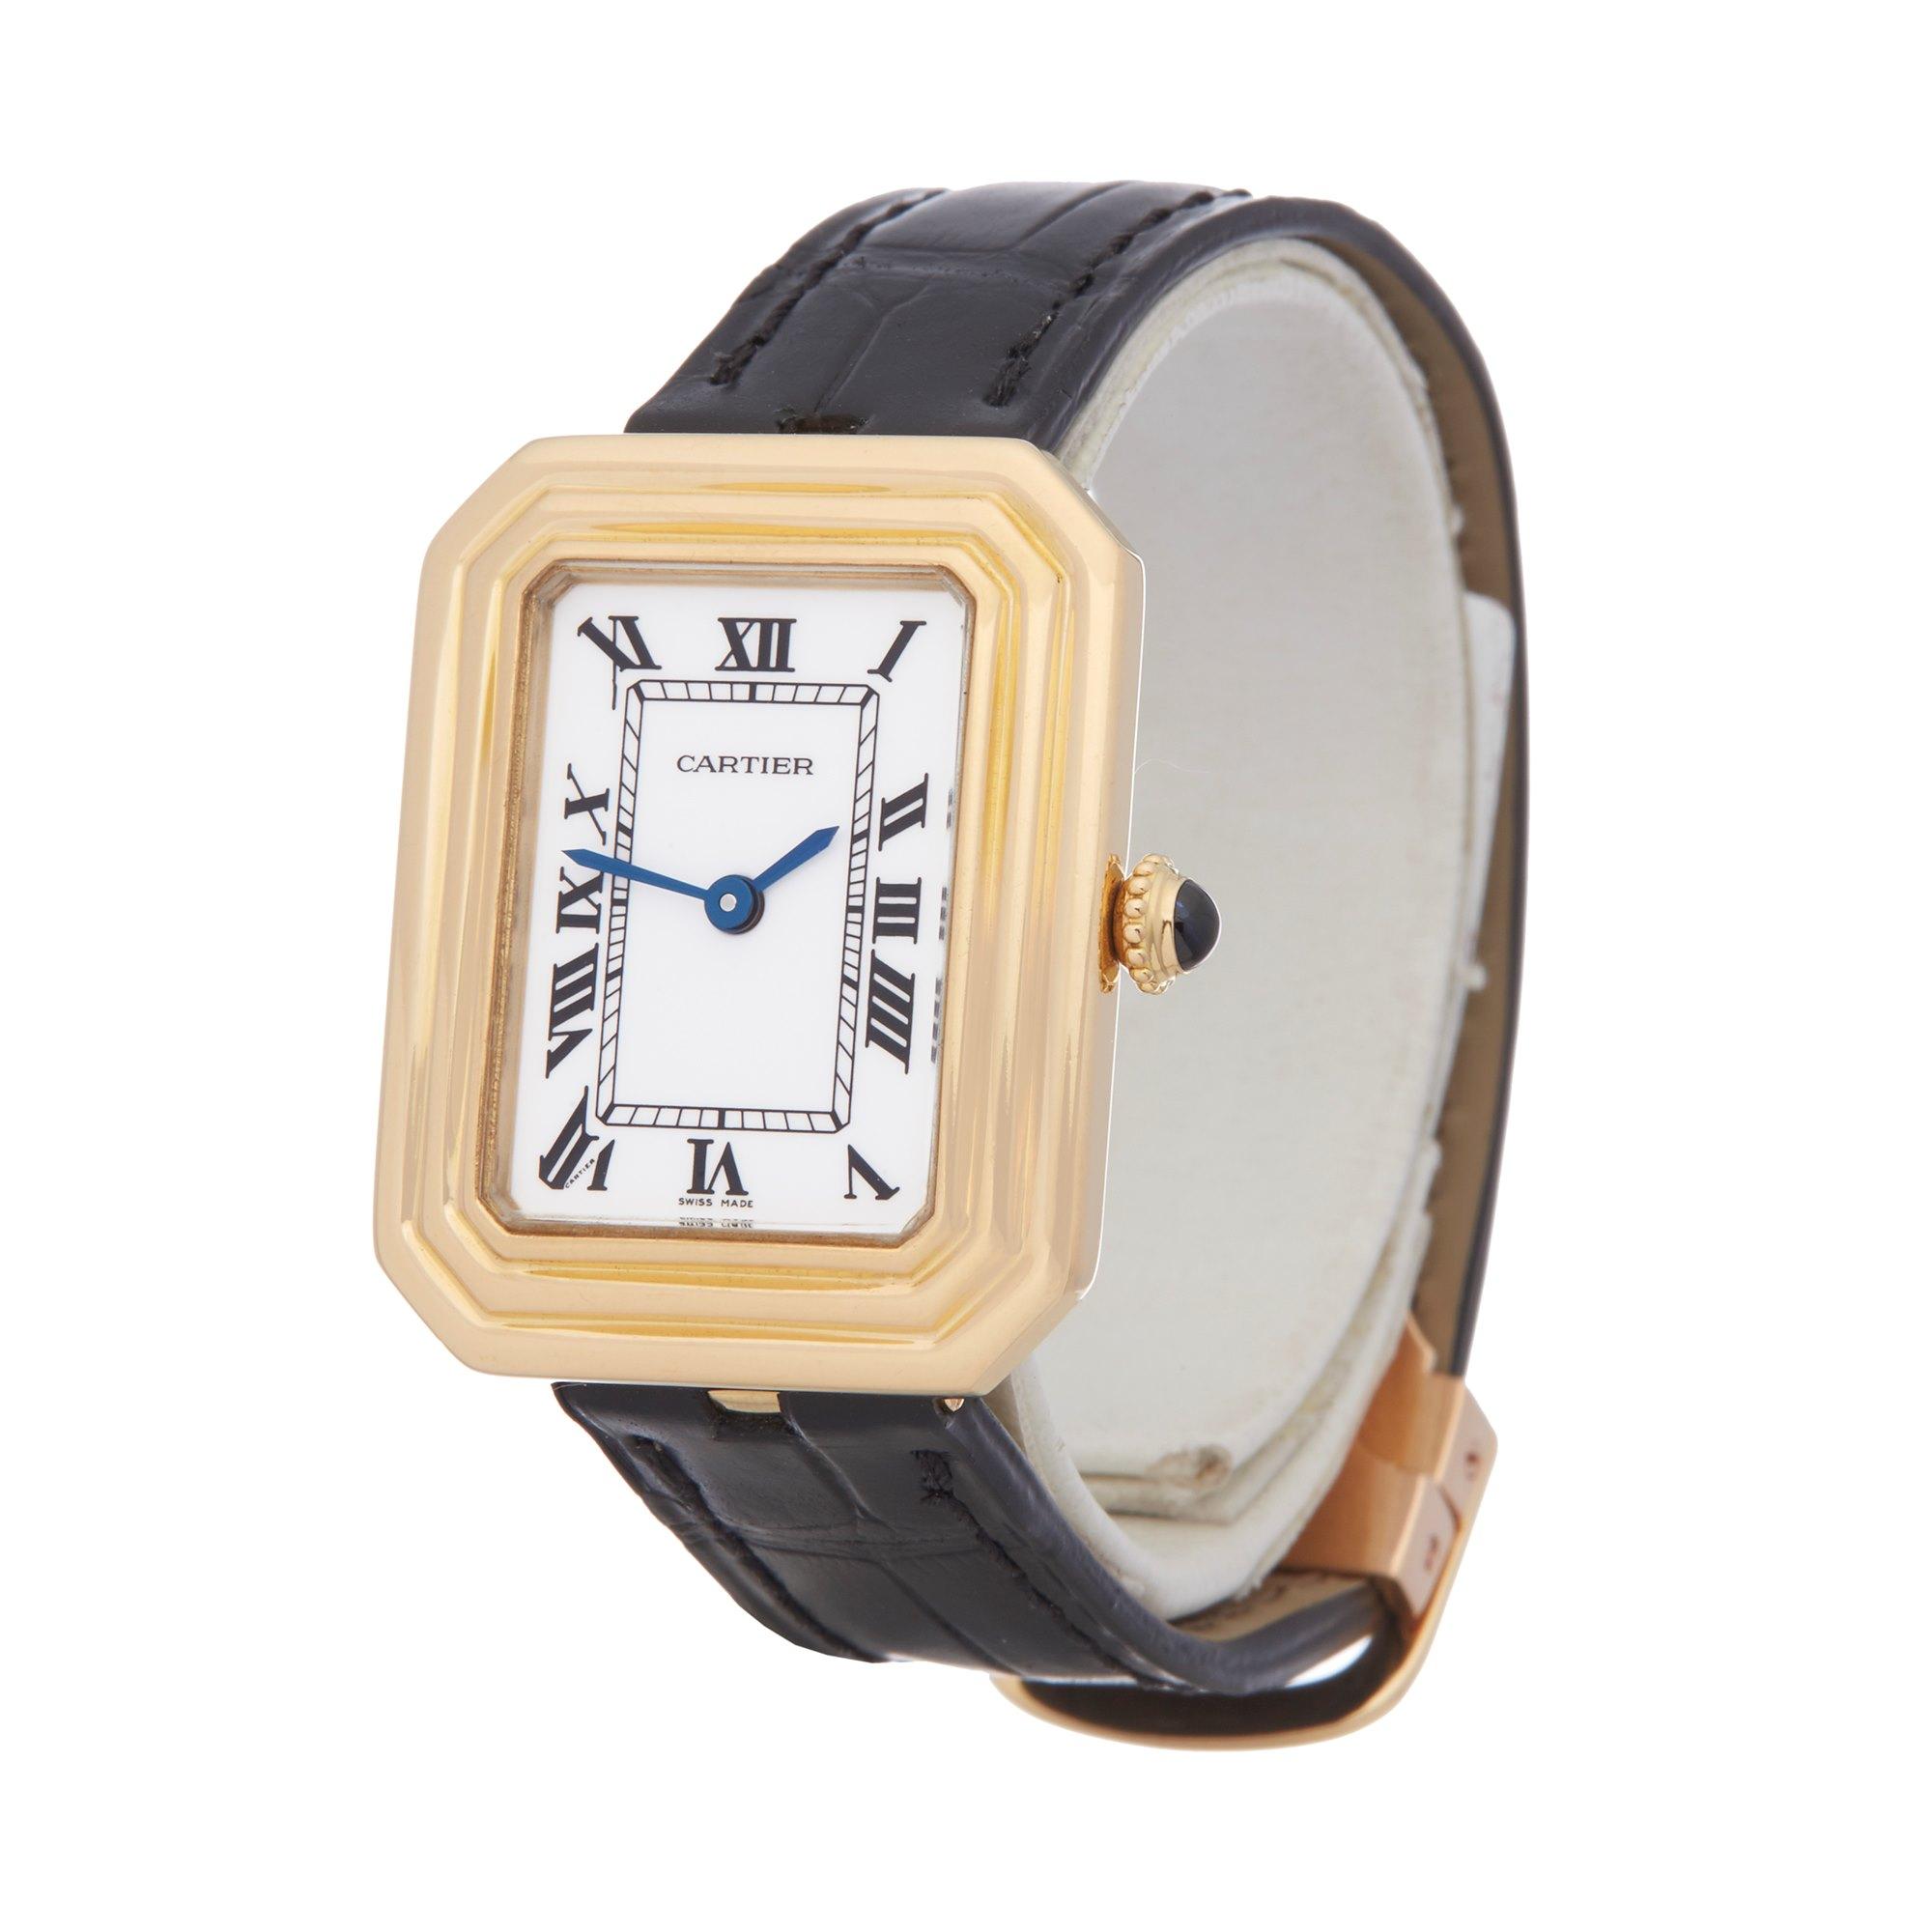 Cartier Cristallor Paris Mecanique 18K Yellow Gold